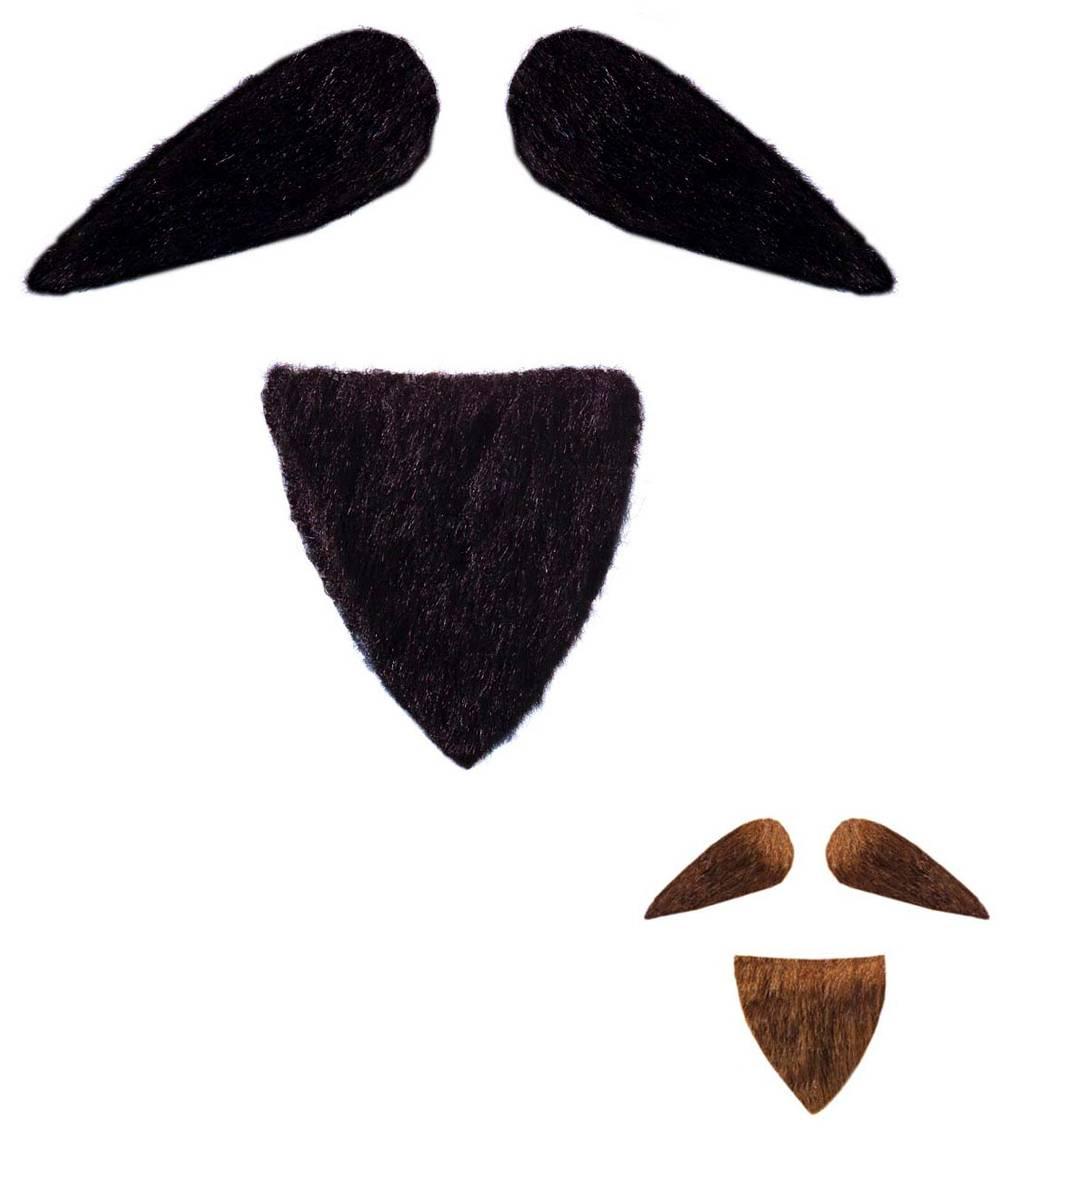 Fausse-moustache-avec-bouc